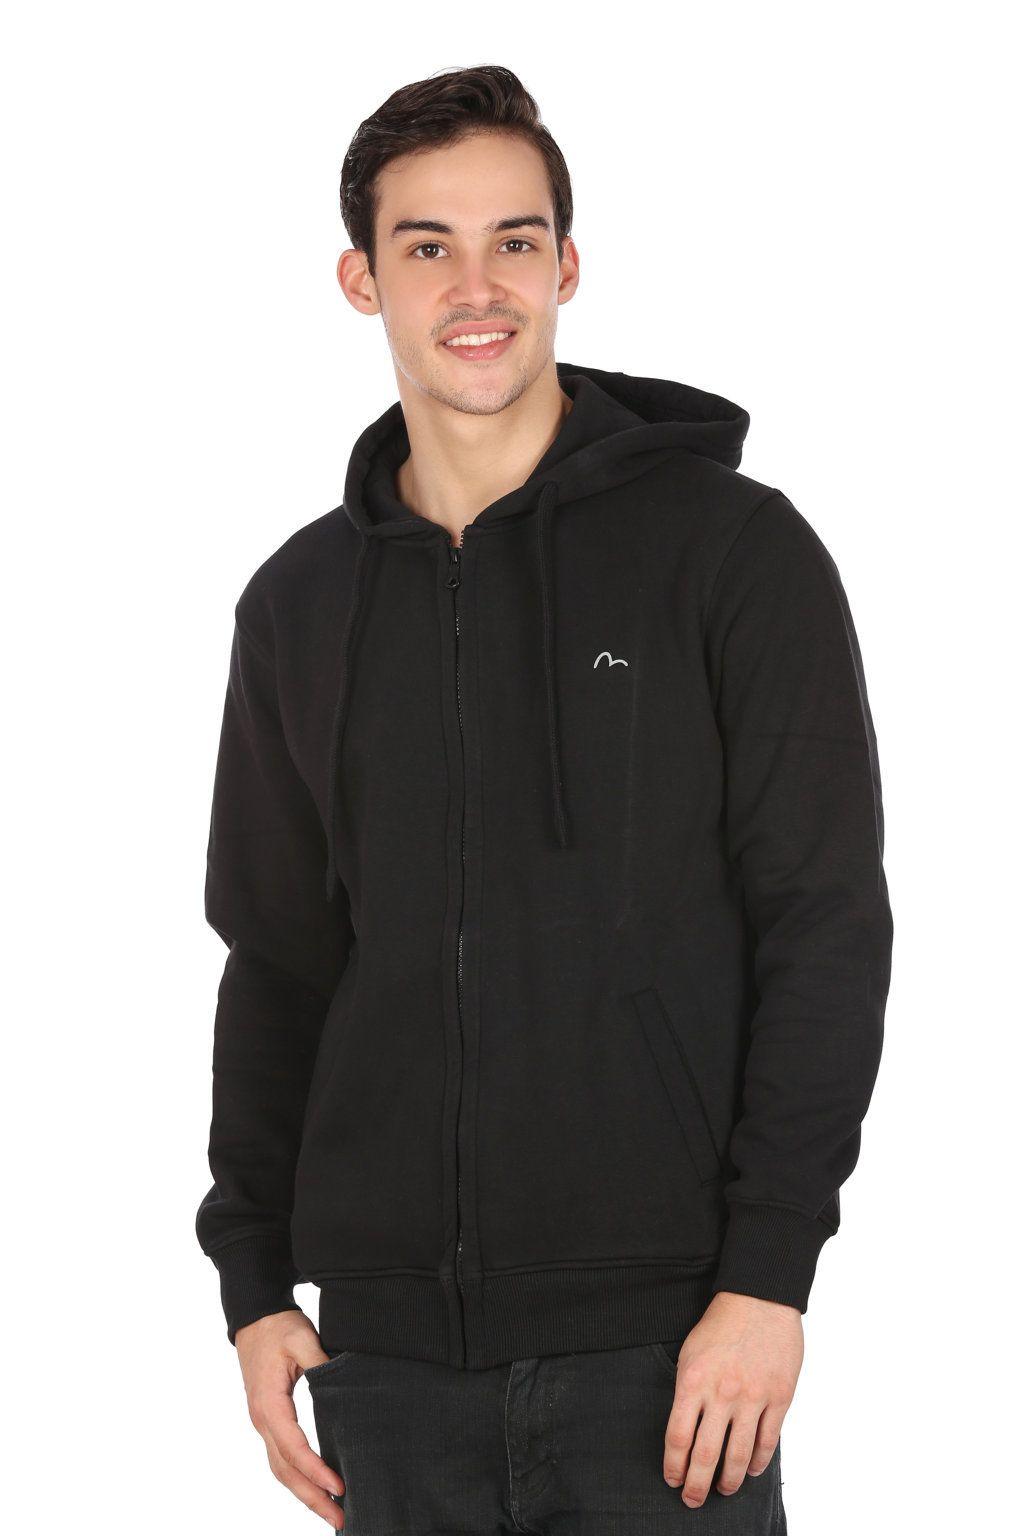 Pin On Hoodies For Men [ 1536 x 1024 Pixel ]